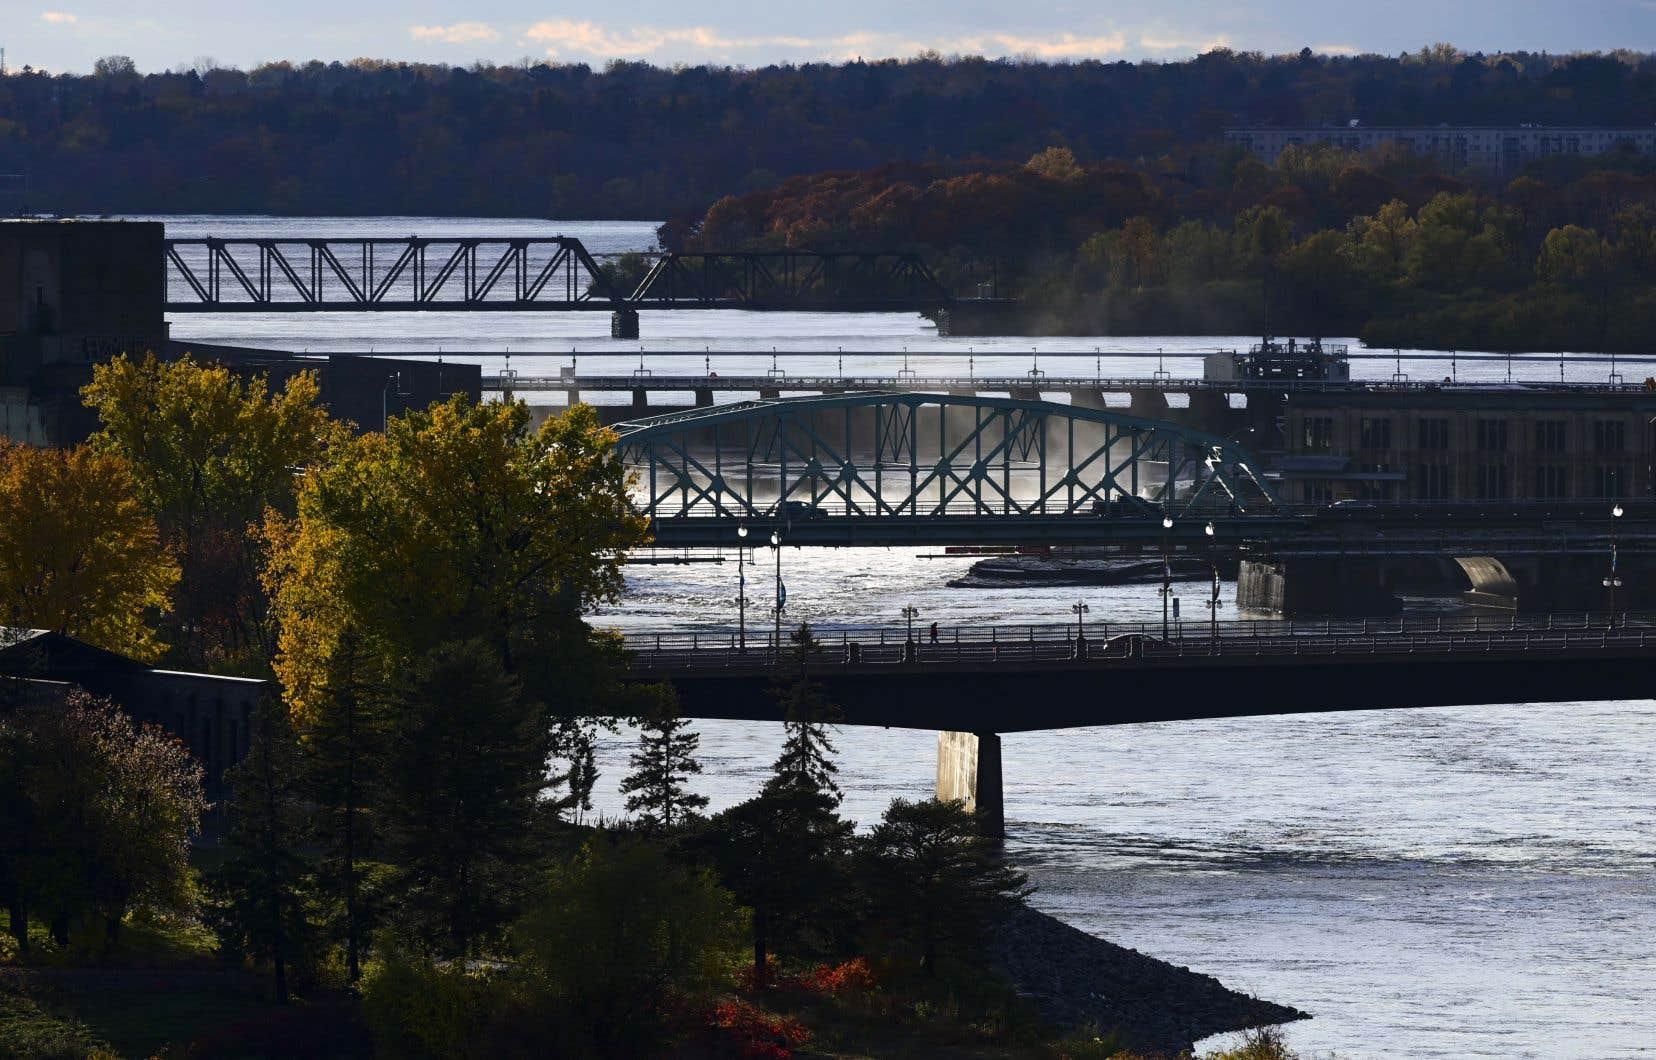 Afin de freiner la propagation des variants de la COVID-19, Québec a pris la décision d'interdire à toute personne en provenance de l'Ontario d'entrer ou de se trouver dans la province à partir du 19 avril.